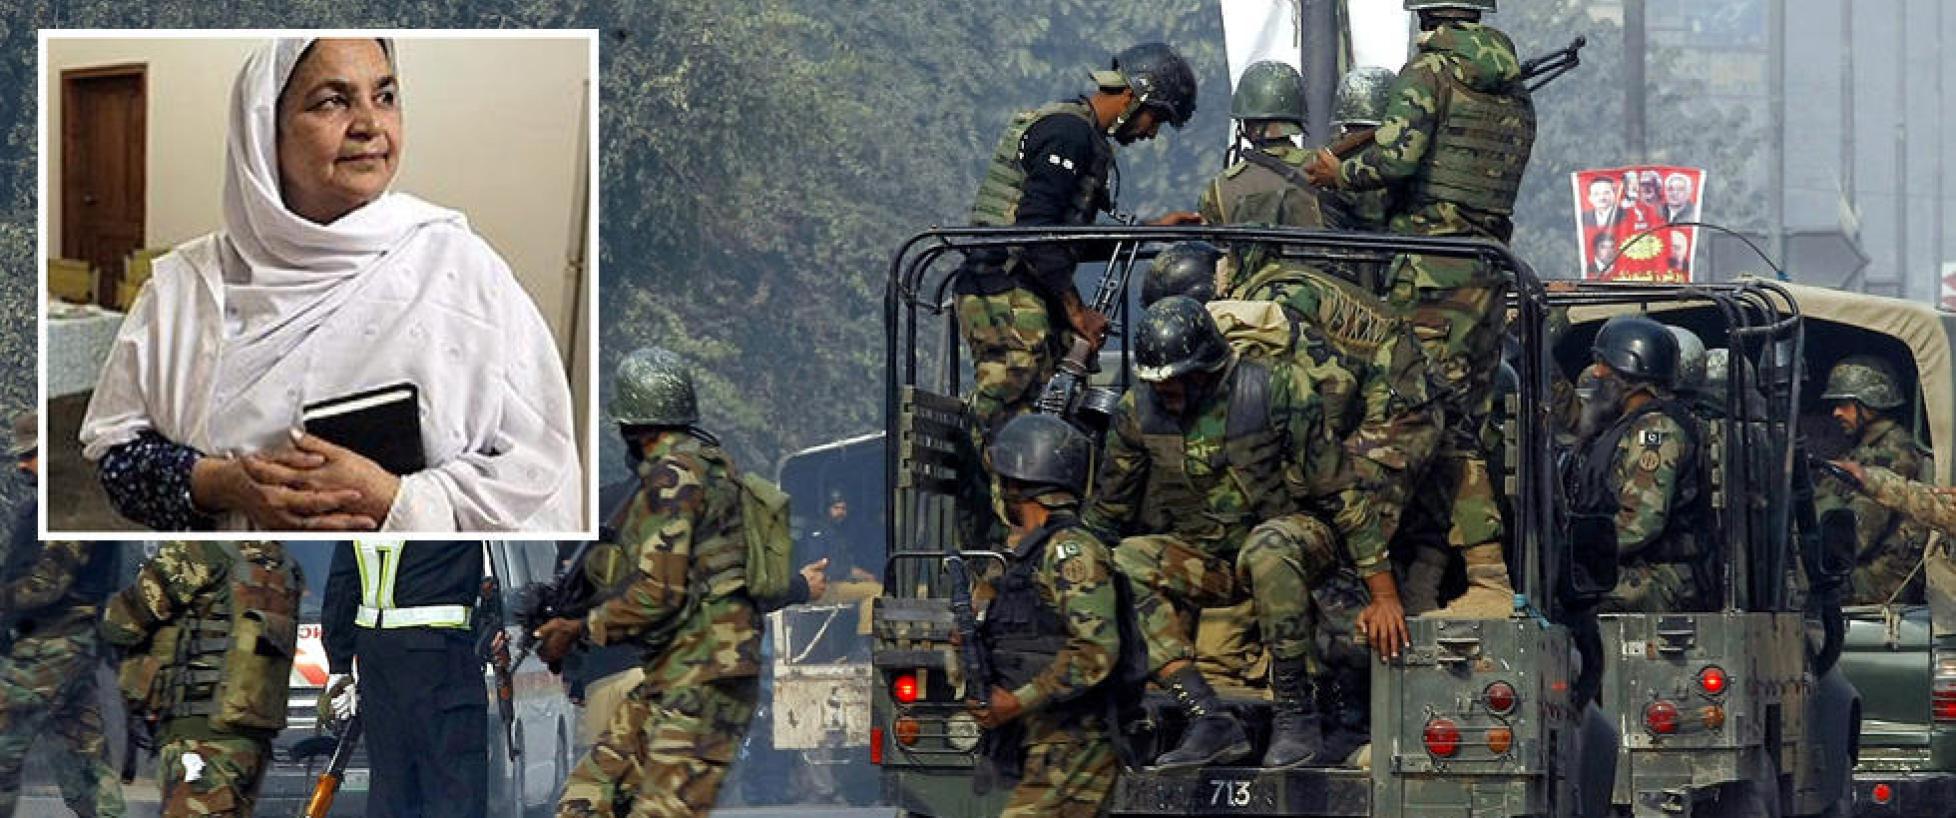 omringet af taliban